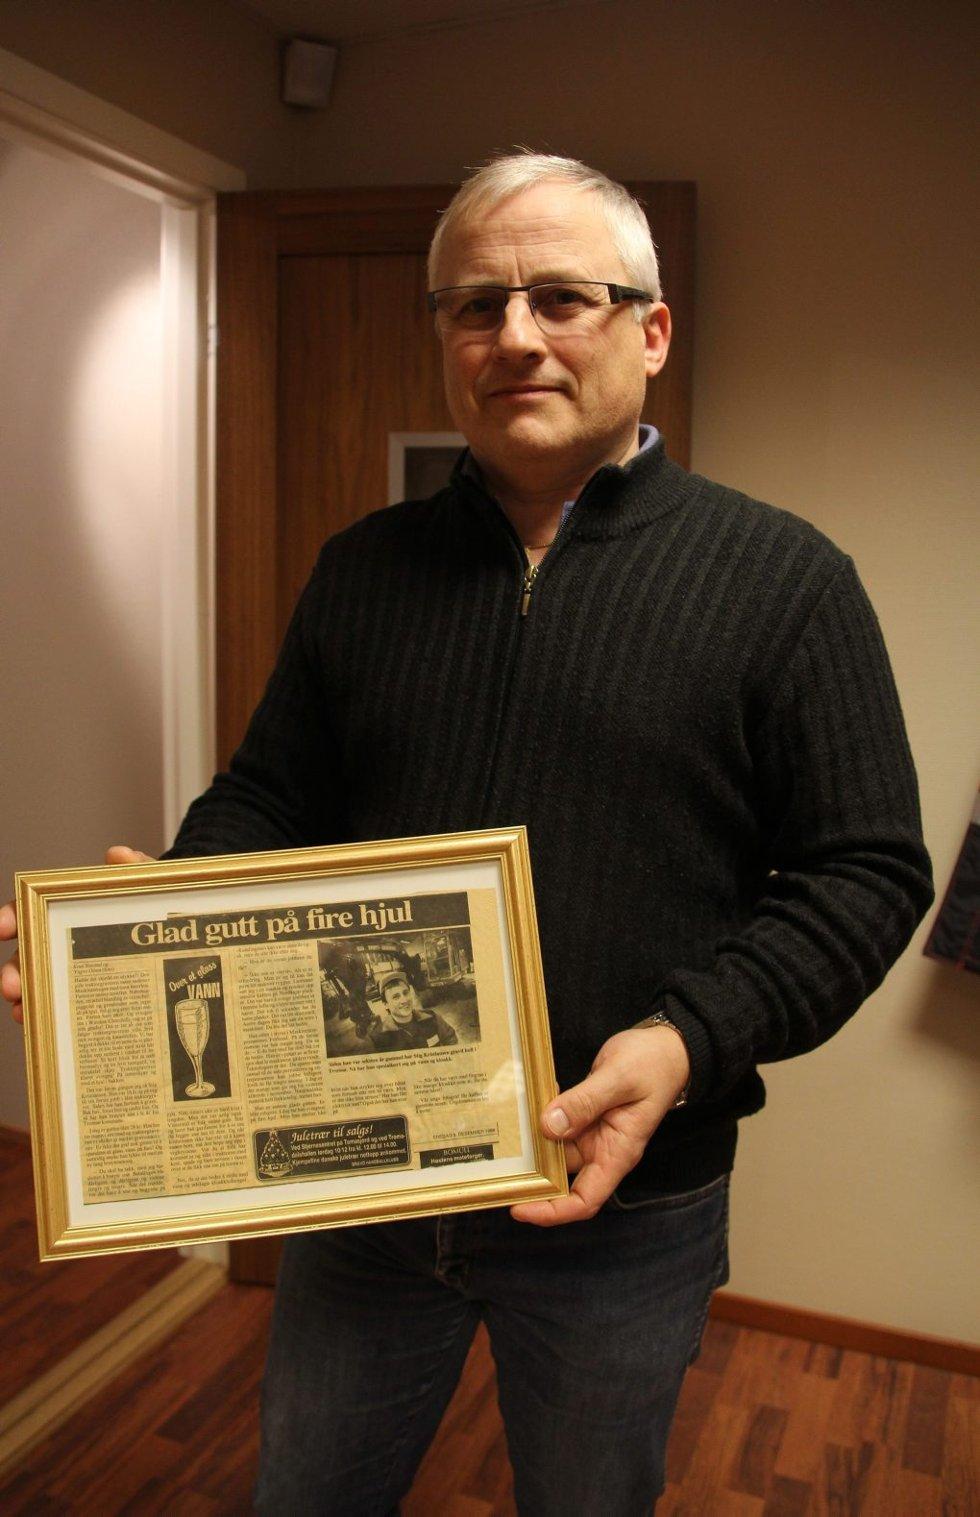 HISTORIE: Her viser Stig Kristiansen frem et innrammet avisutklipp fra Nordlys i 1988, den gang skrevet av journalist Knut Smistad.